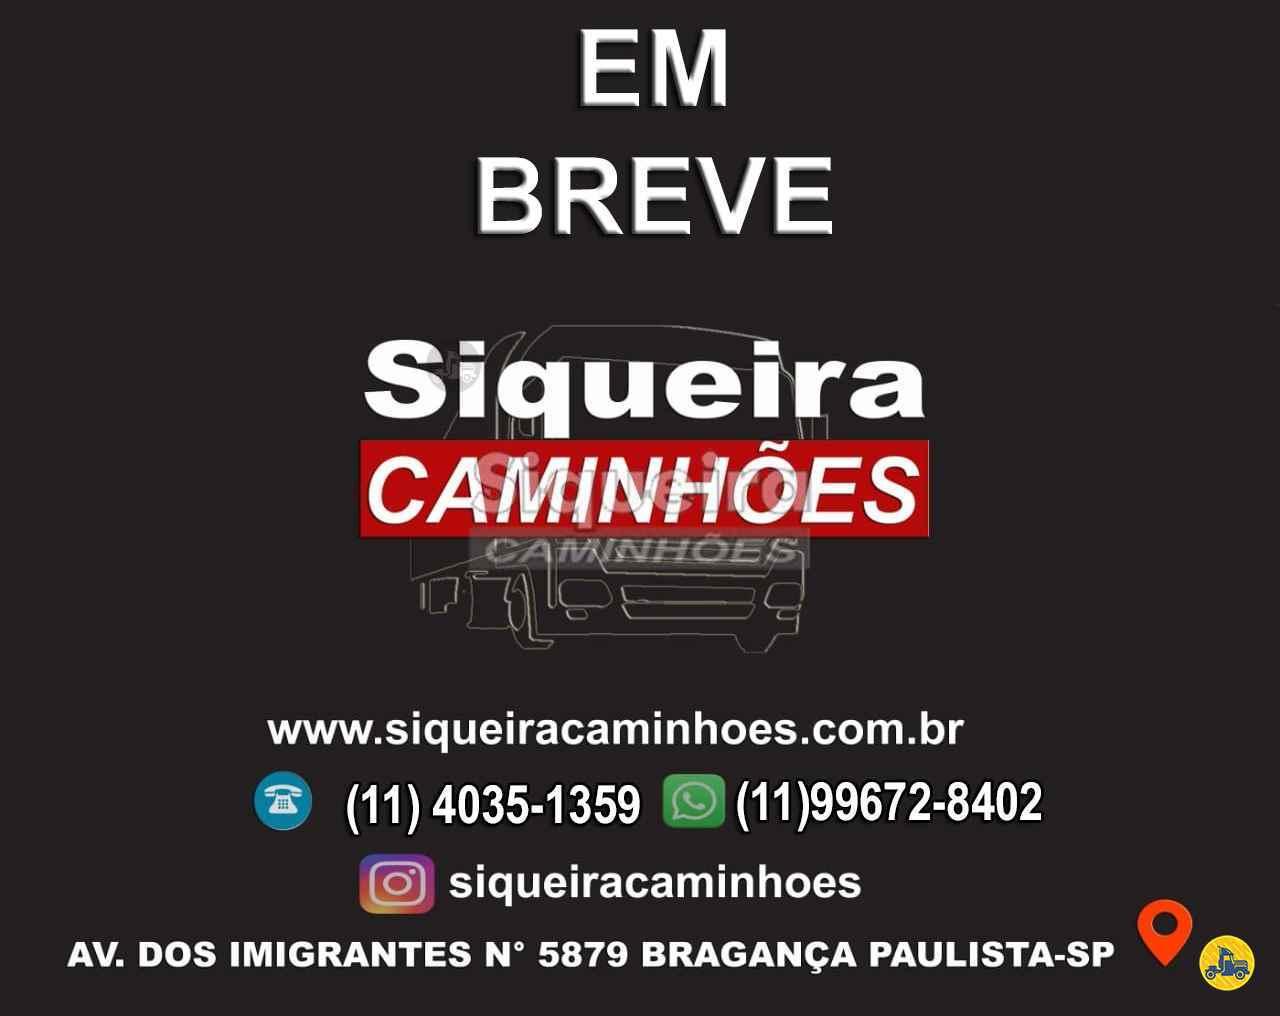 MERCEDES-BENZ MB 2426 323000km 2018/2018 Siqueira Caminhões